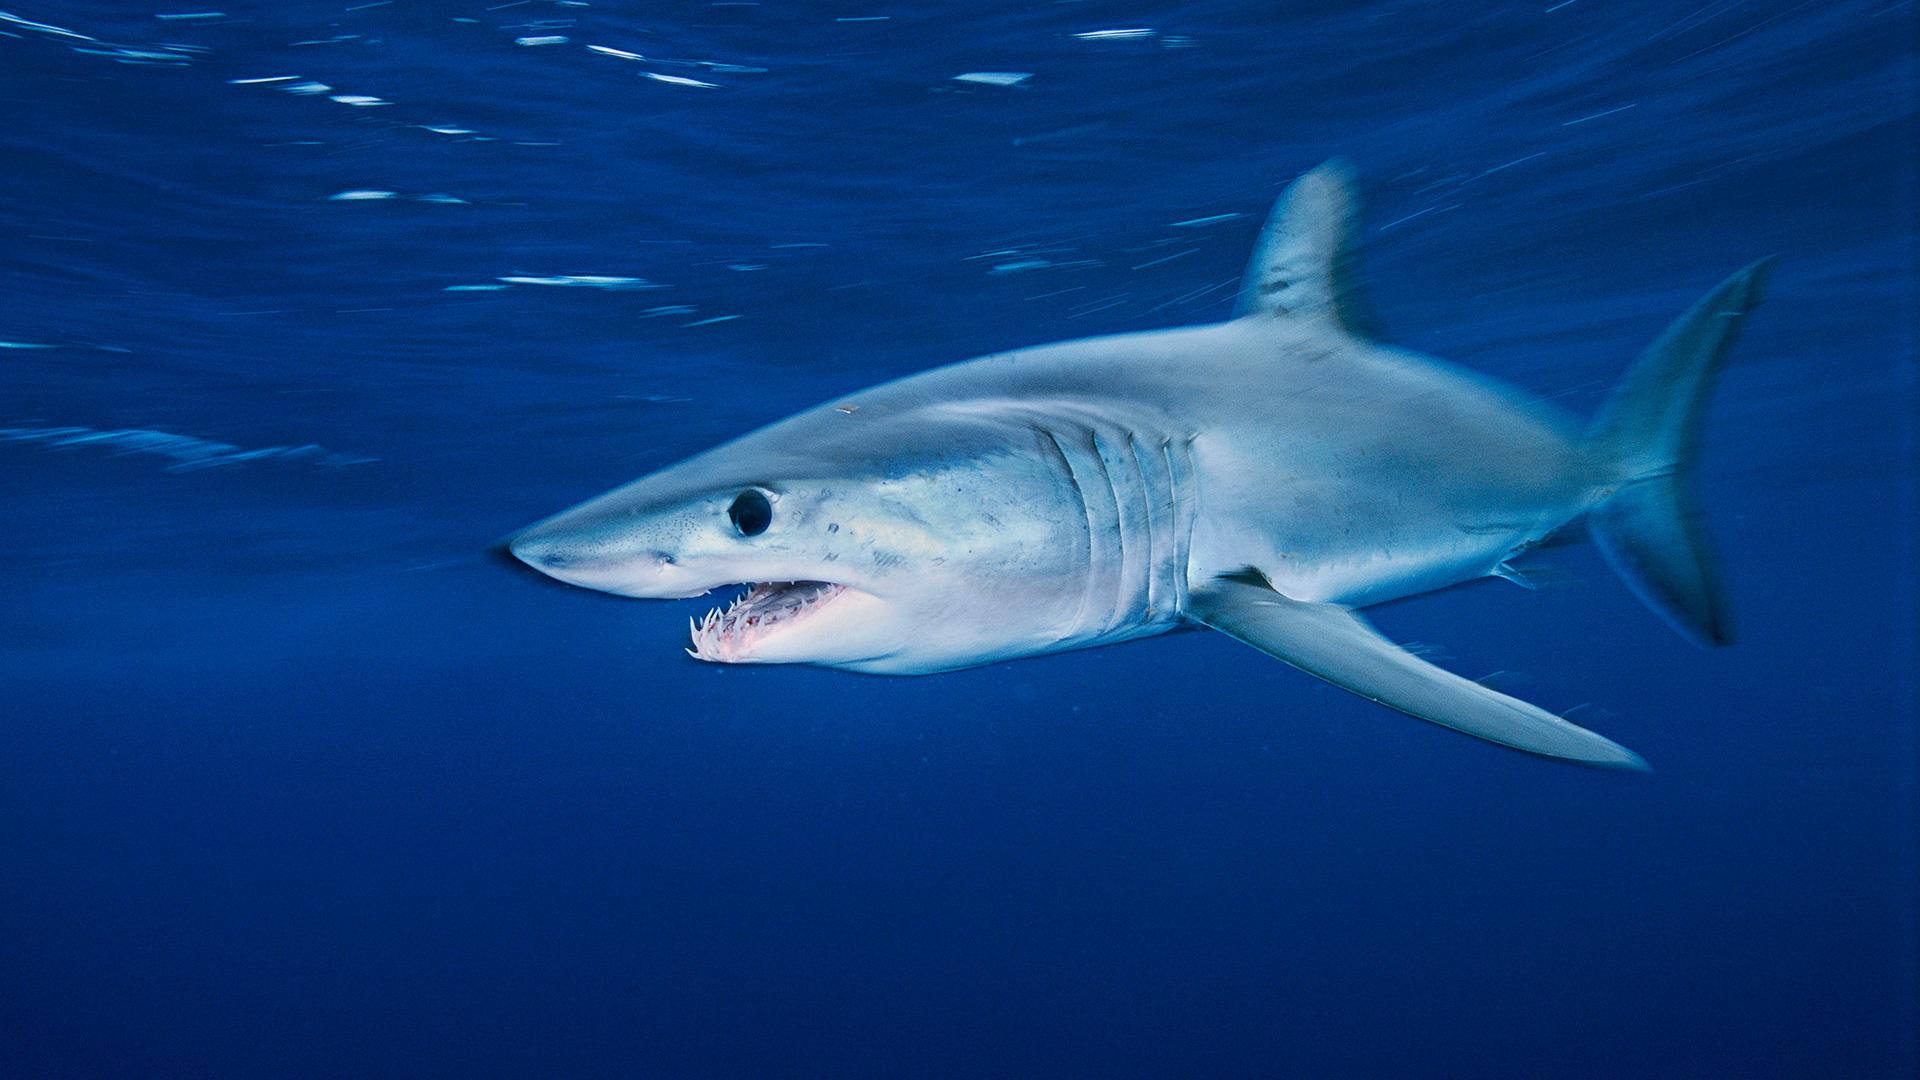 Inzwischen stehen mehr als 70 Haiarten auf der Roten Liste. © Brian J. Skerry / National Geographic Stock / WWF